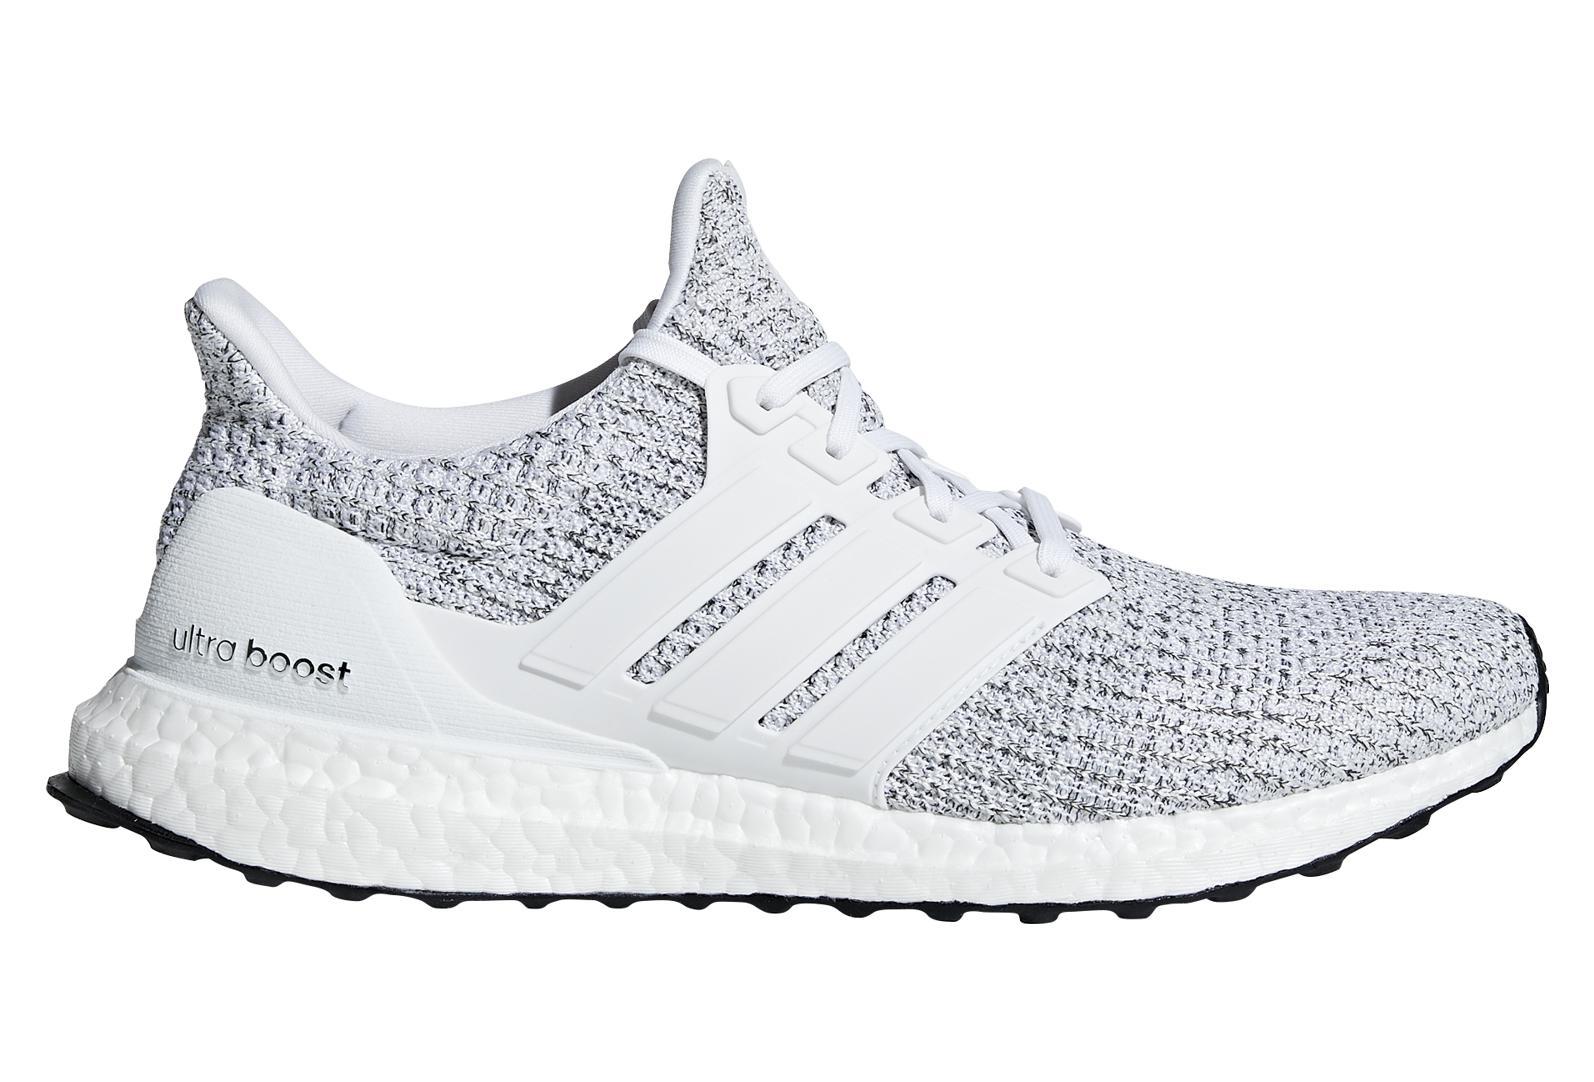 6198e39790 Zapatillas adidas running UltraBOOST para Hombre Blanco